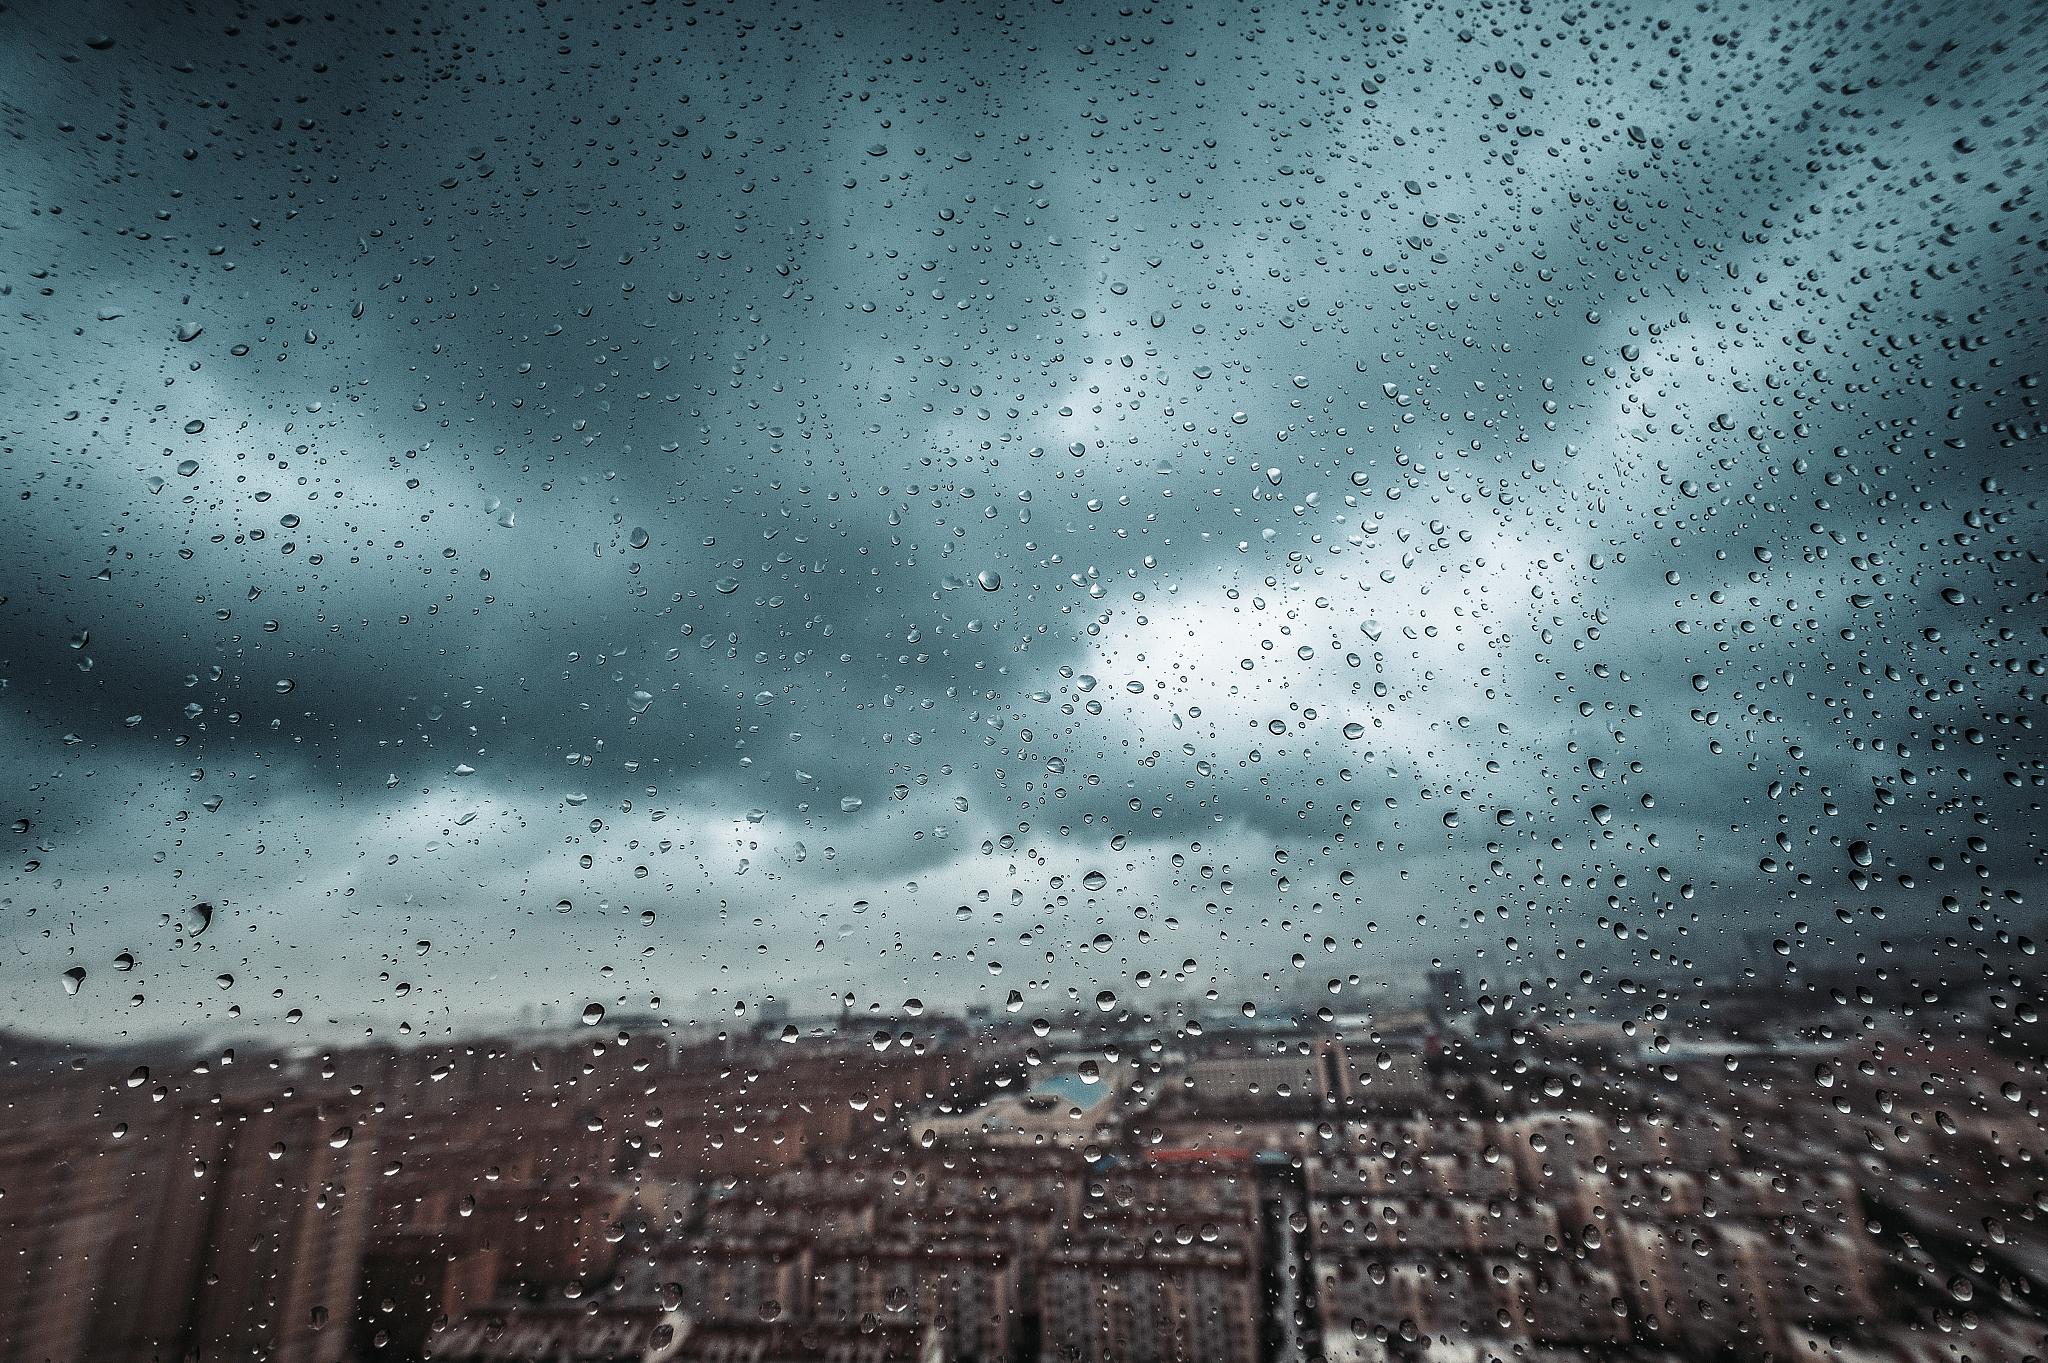 贵州省西部地区,今日局地暴雨